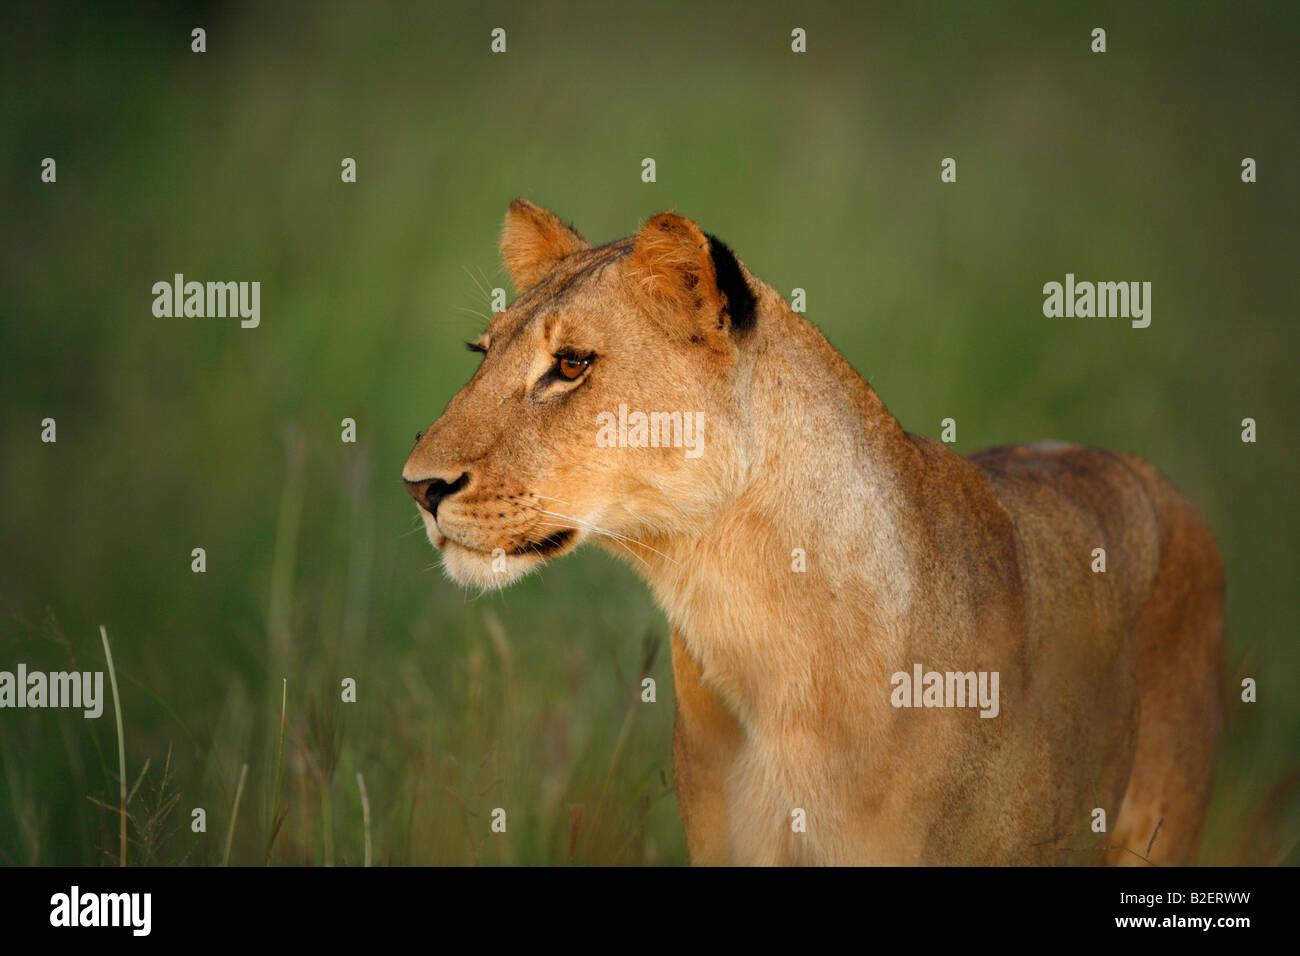 Ritratto di una leonessa nella calda luce ambiente Immagini Stock